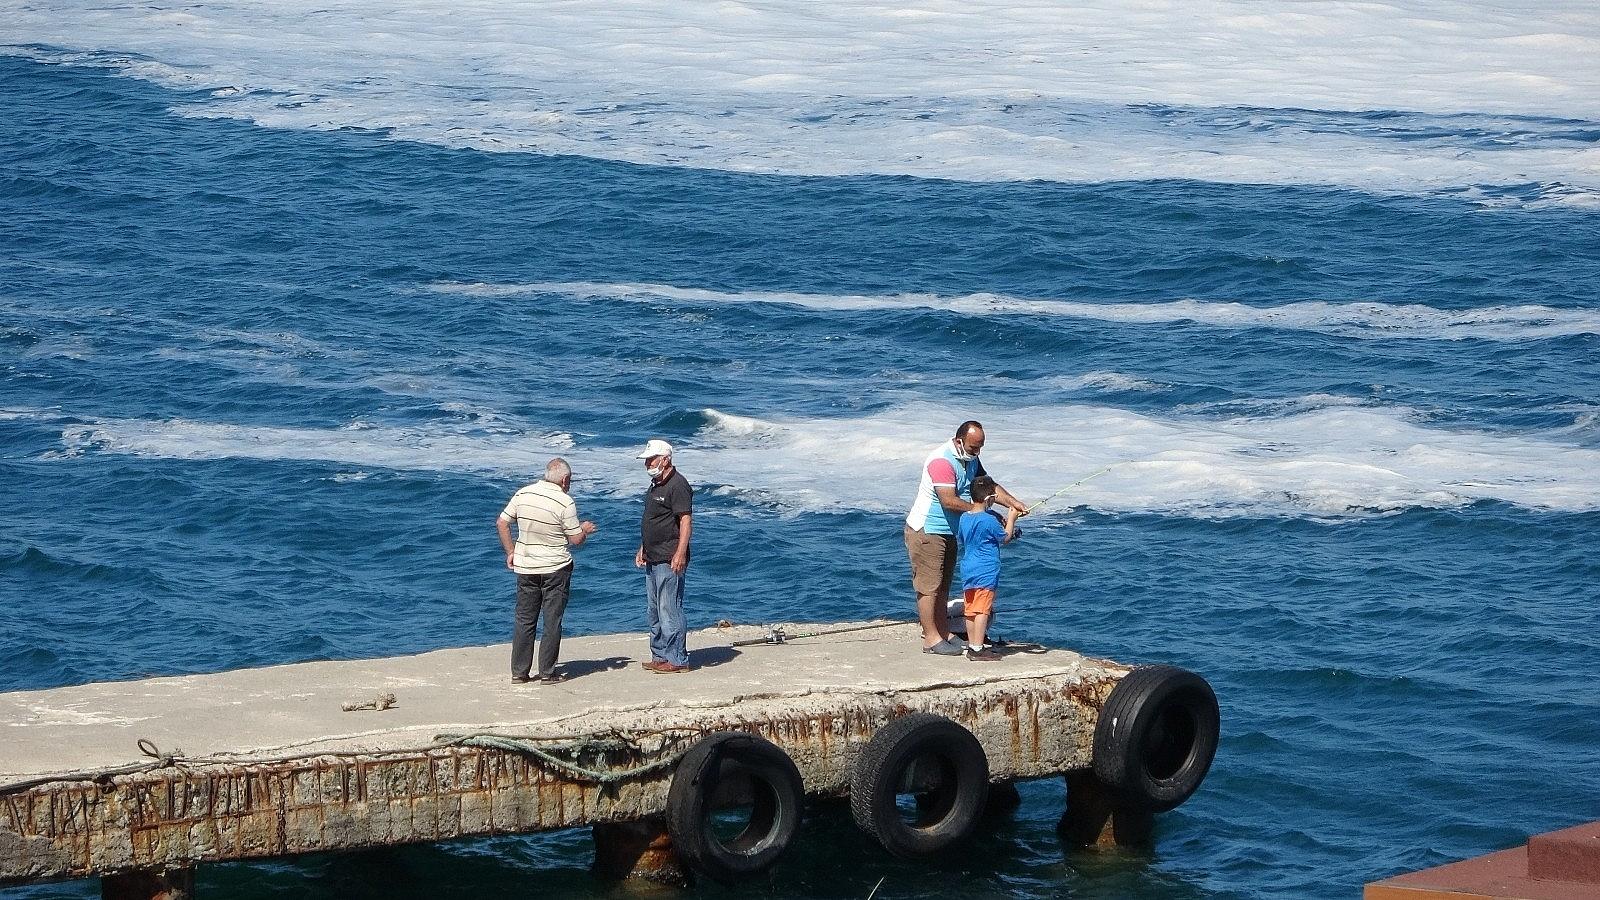 2021/06/canakkalede-deniz-salyasi-kabusu-suruyor-20210609AW34-3.jpg